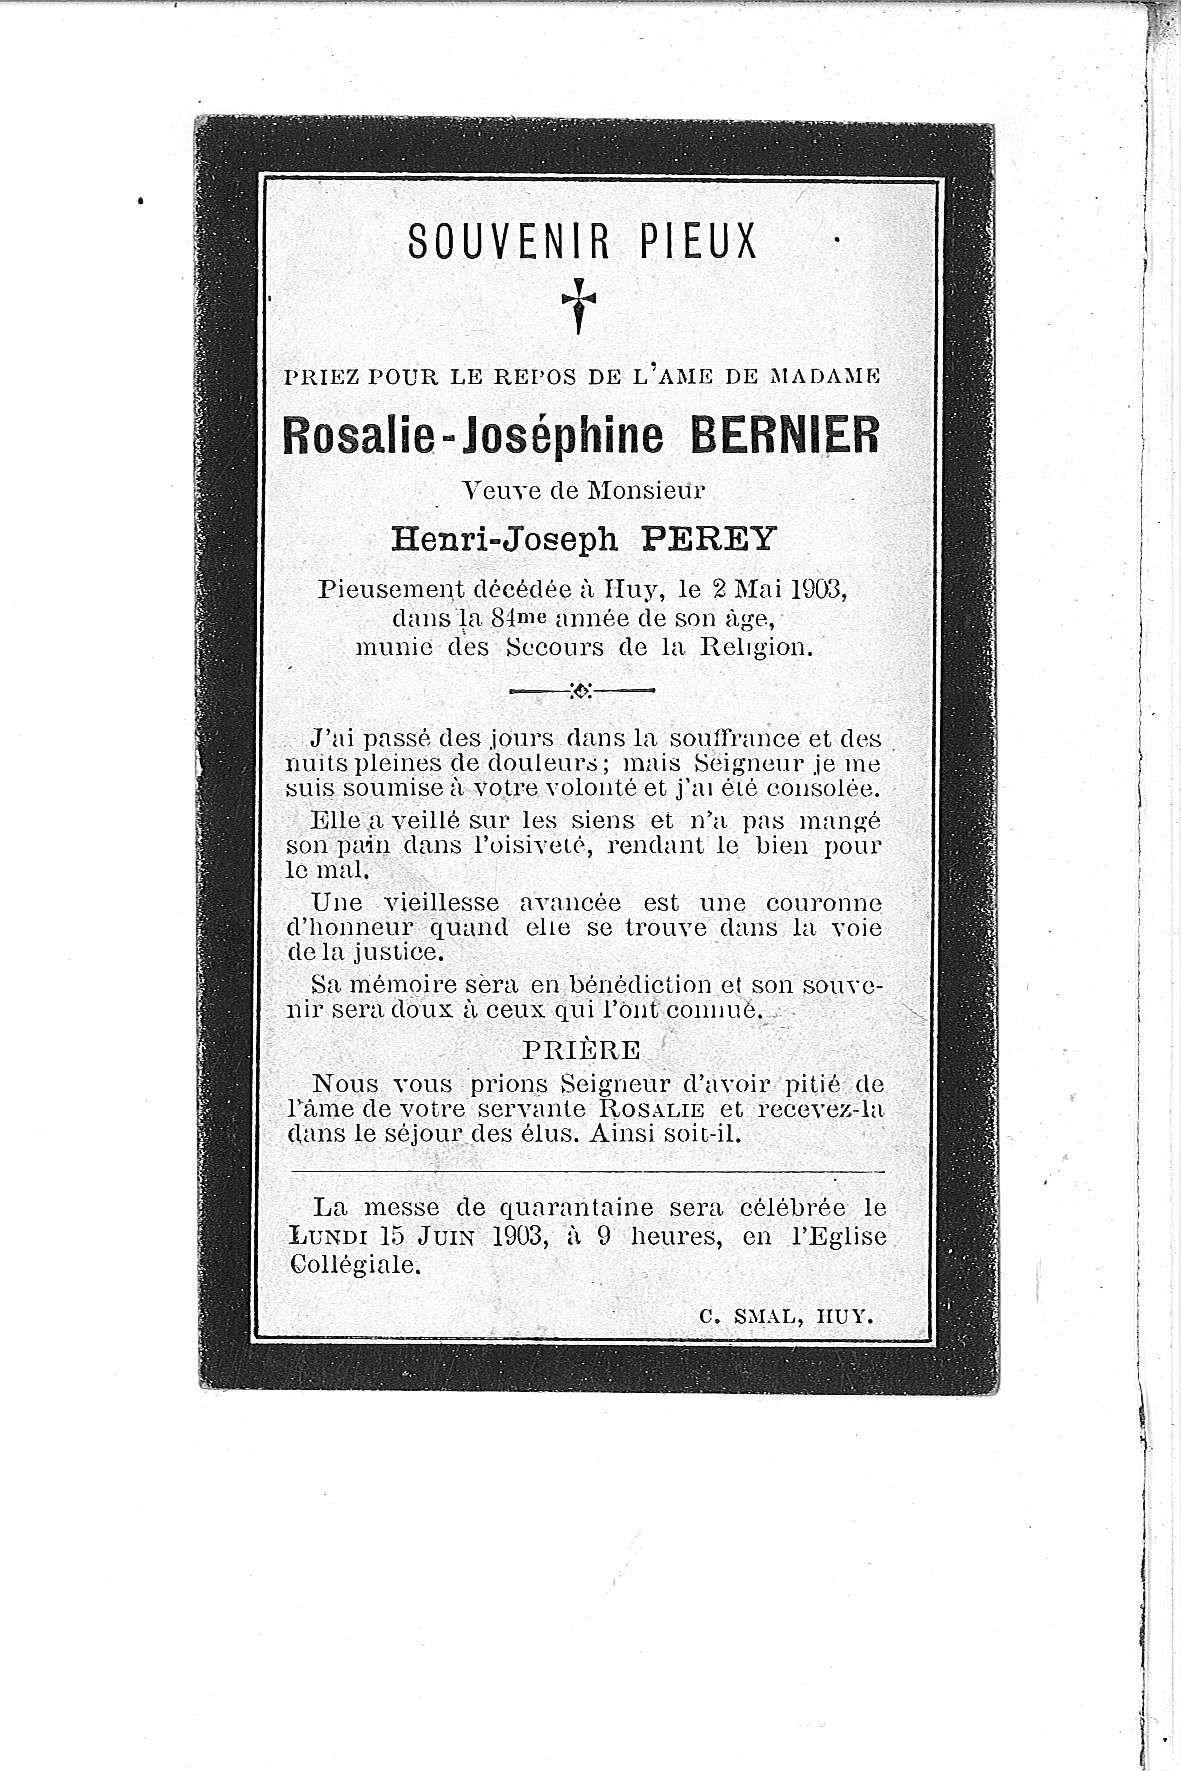 Rosalie-Joséphine(1903)20110114152404_00006.jpg